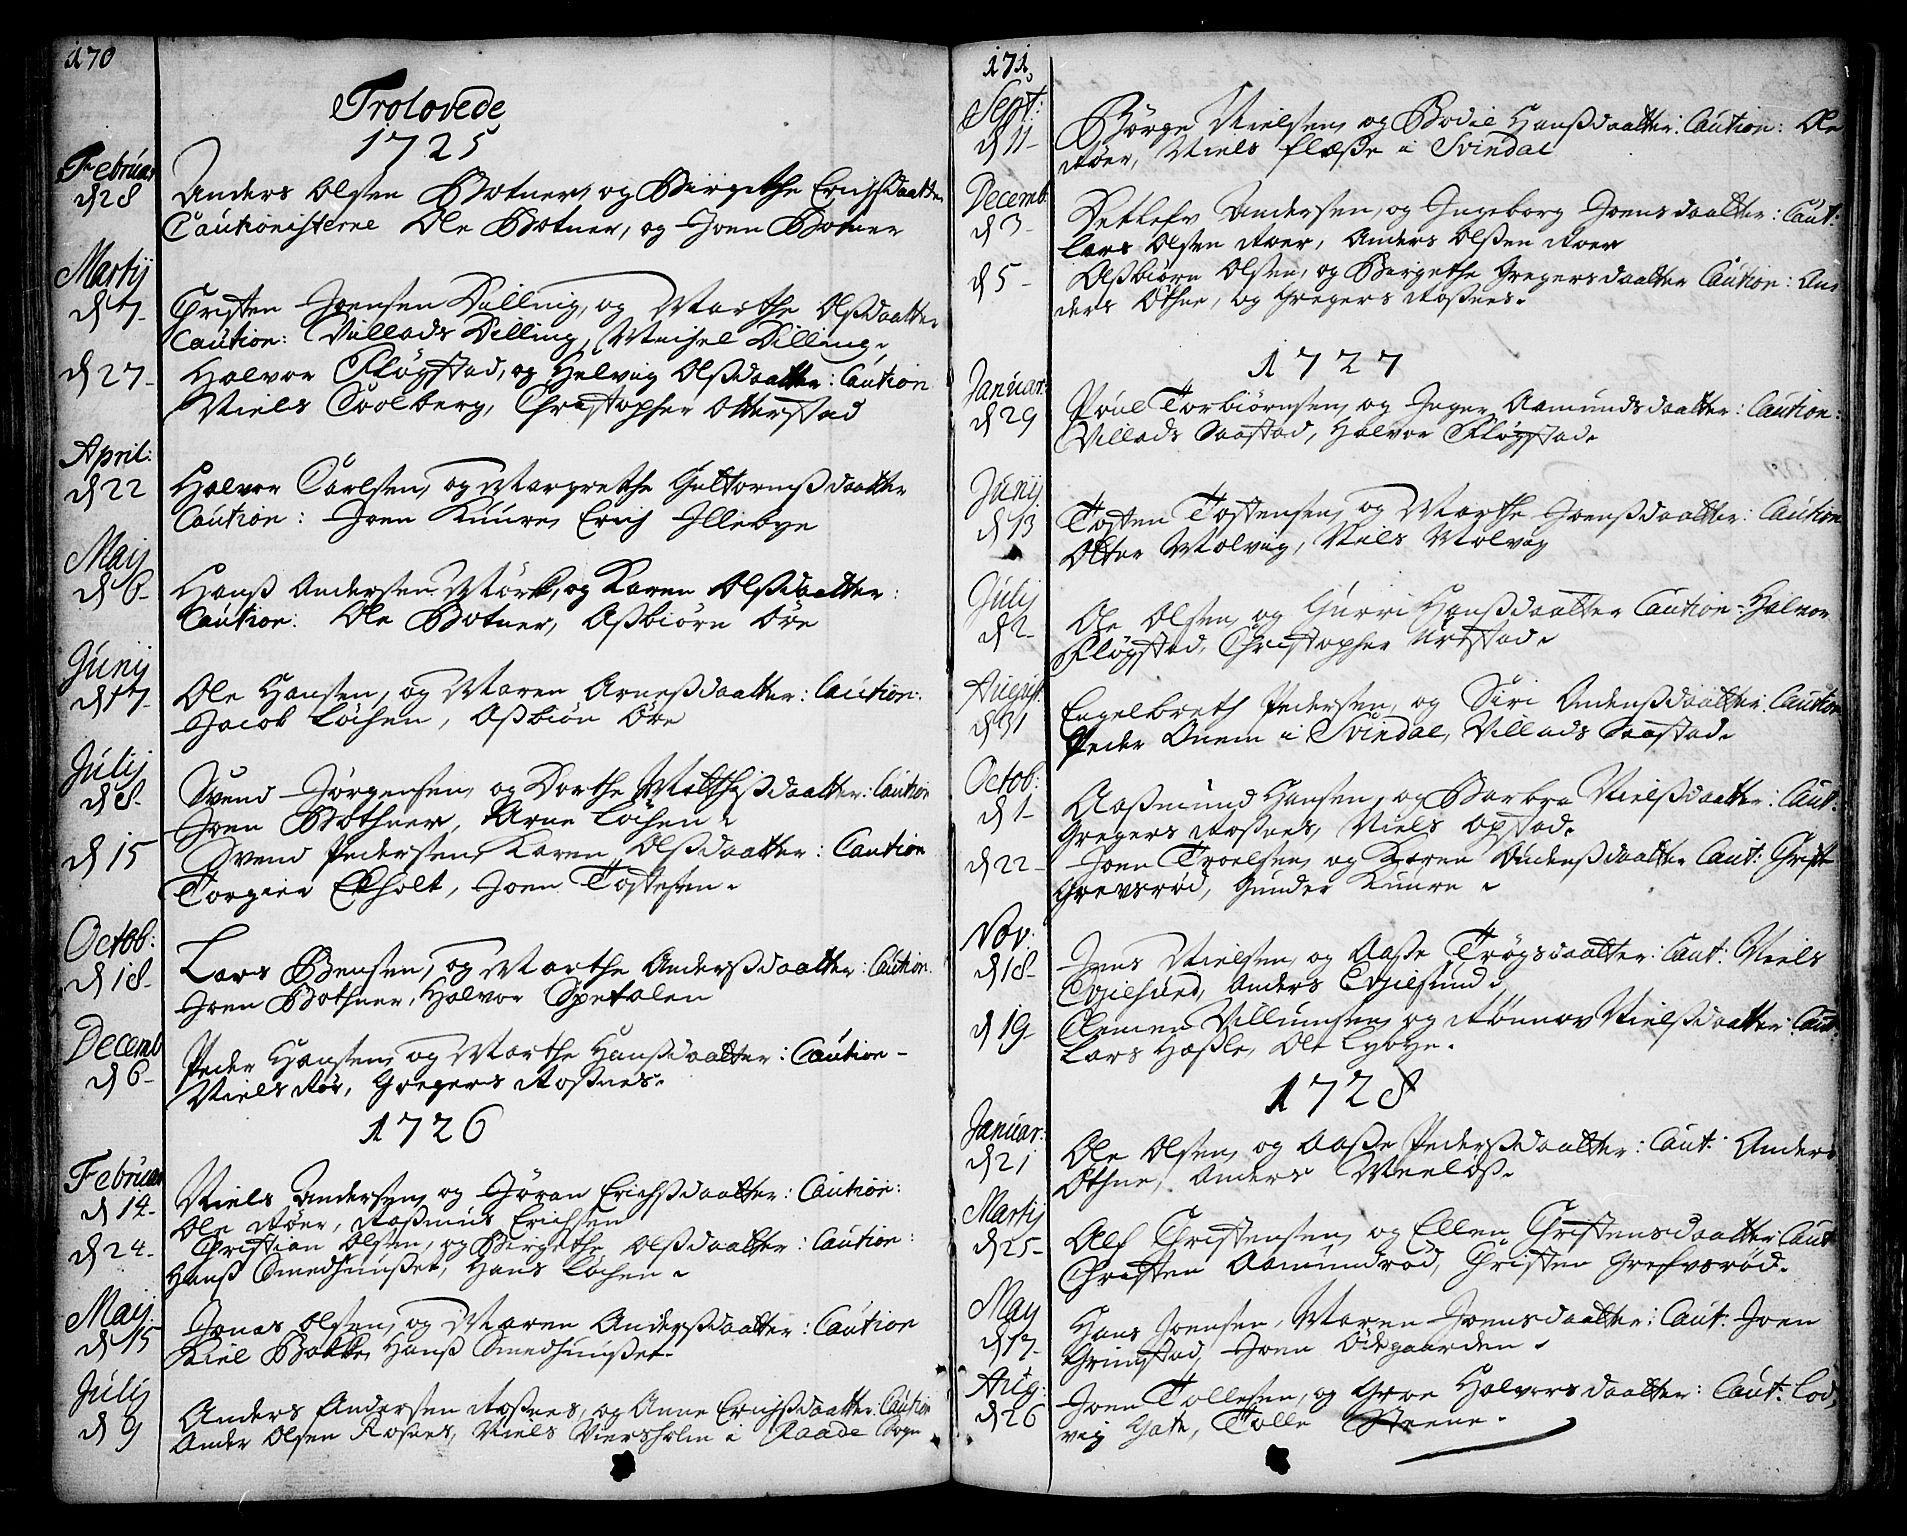 SAO, Rygge prestekontor Kirkebøker, F/Fa/L0001: Ministerialbok nr. 1, 1725-1771, s. 170-171